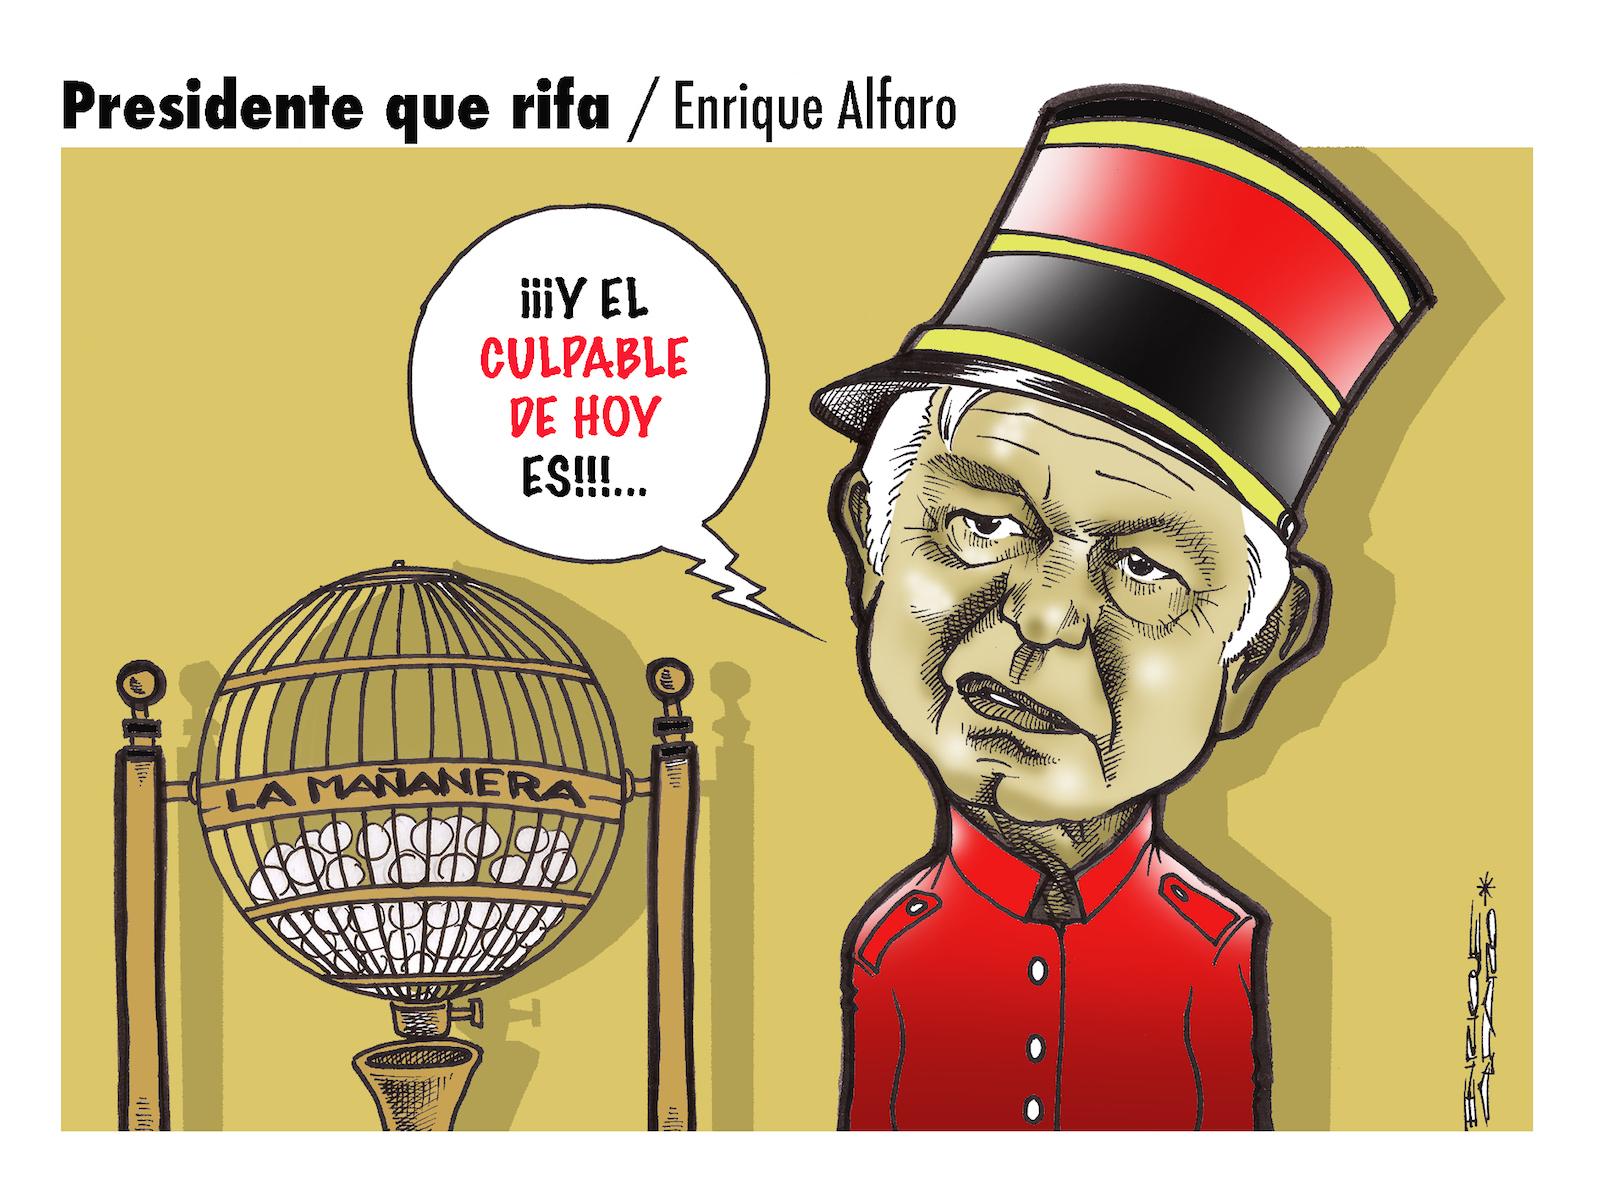 Presidente que rifa / Enrique Alfaro